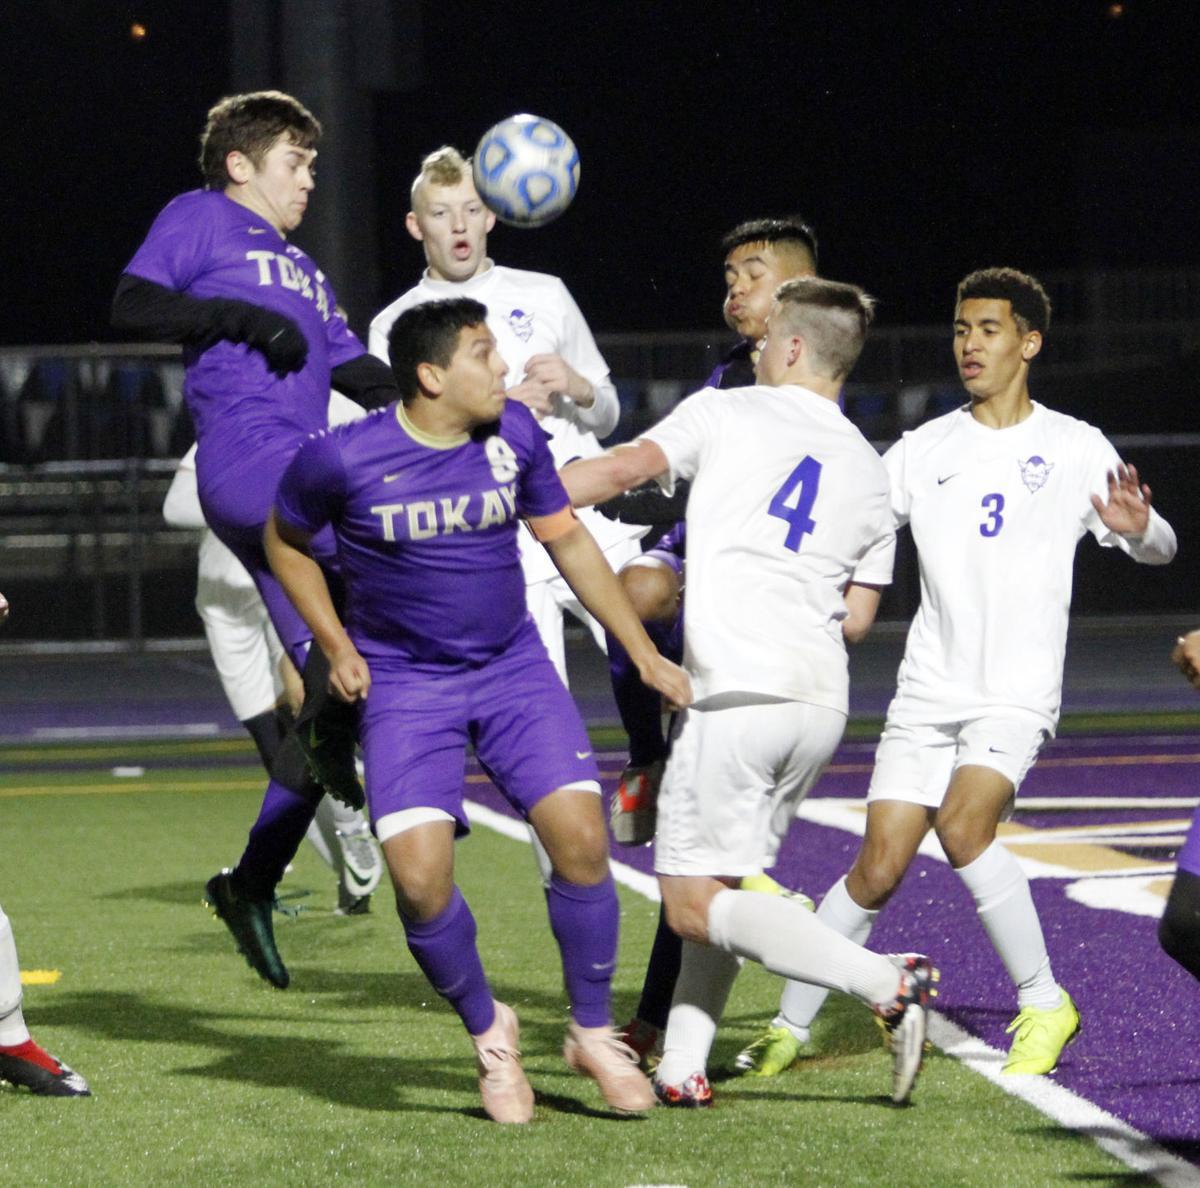 All-TCAL teams: Tokay soccer takes top honors